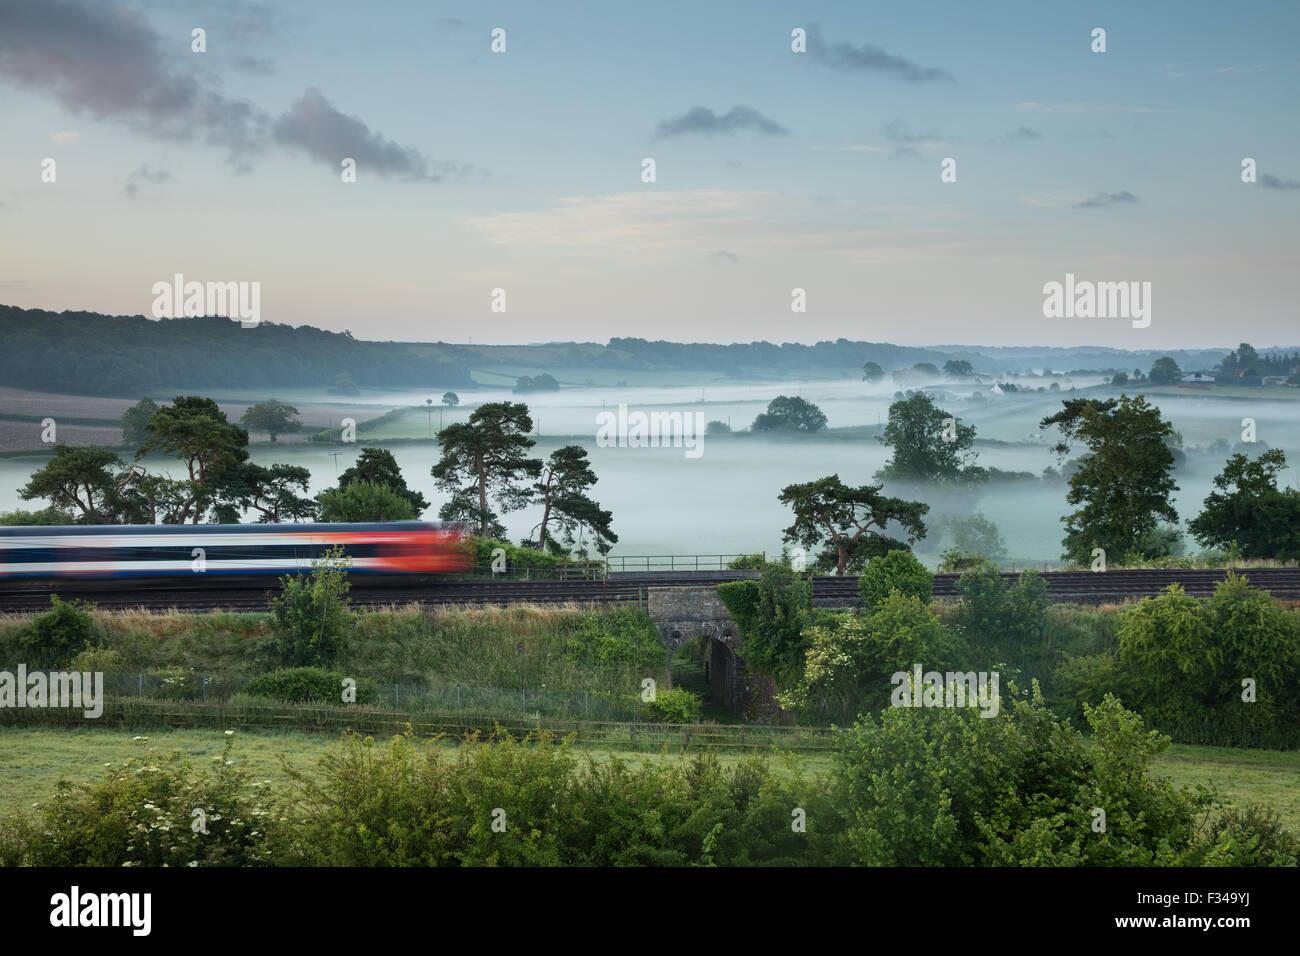 Il London Waterloo a Exeter treno passa Milborne stoppino in una nebbiosa mattina d'estate, Somerset, Inghilterra, Immagini Stock